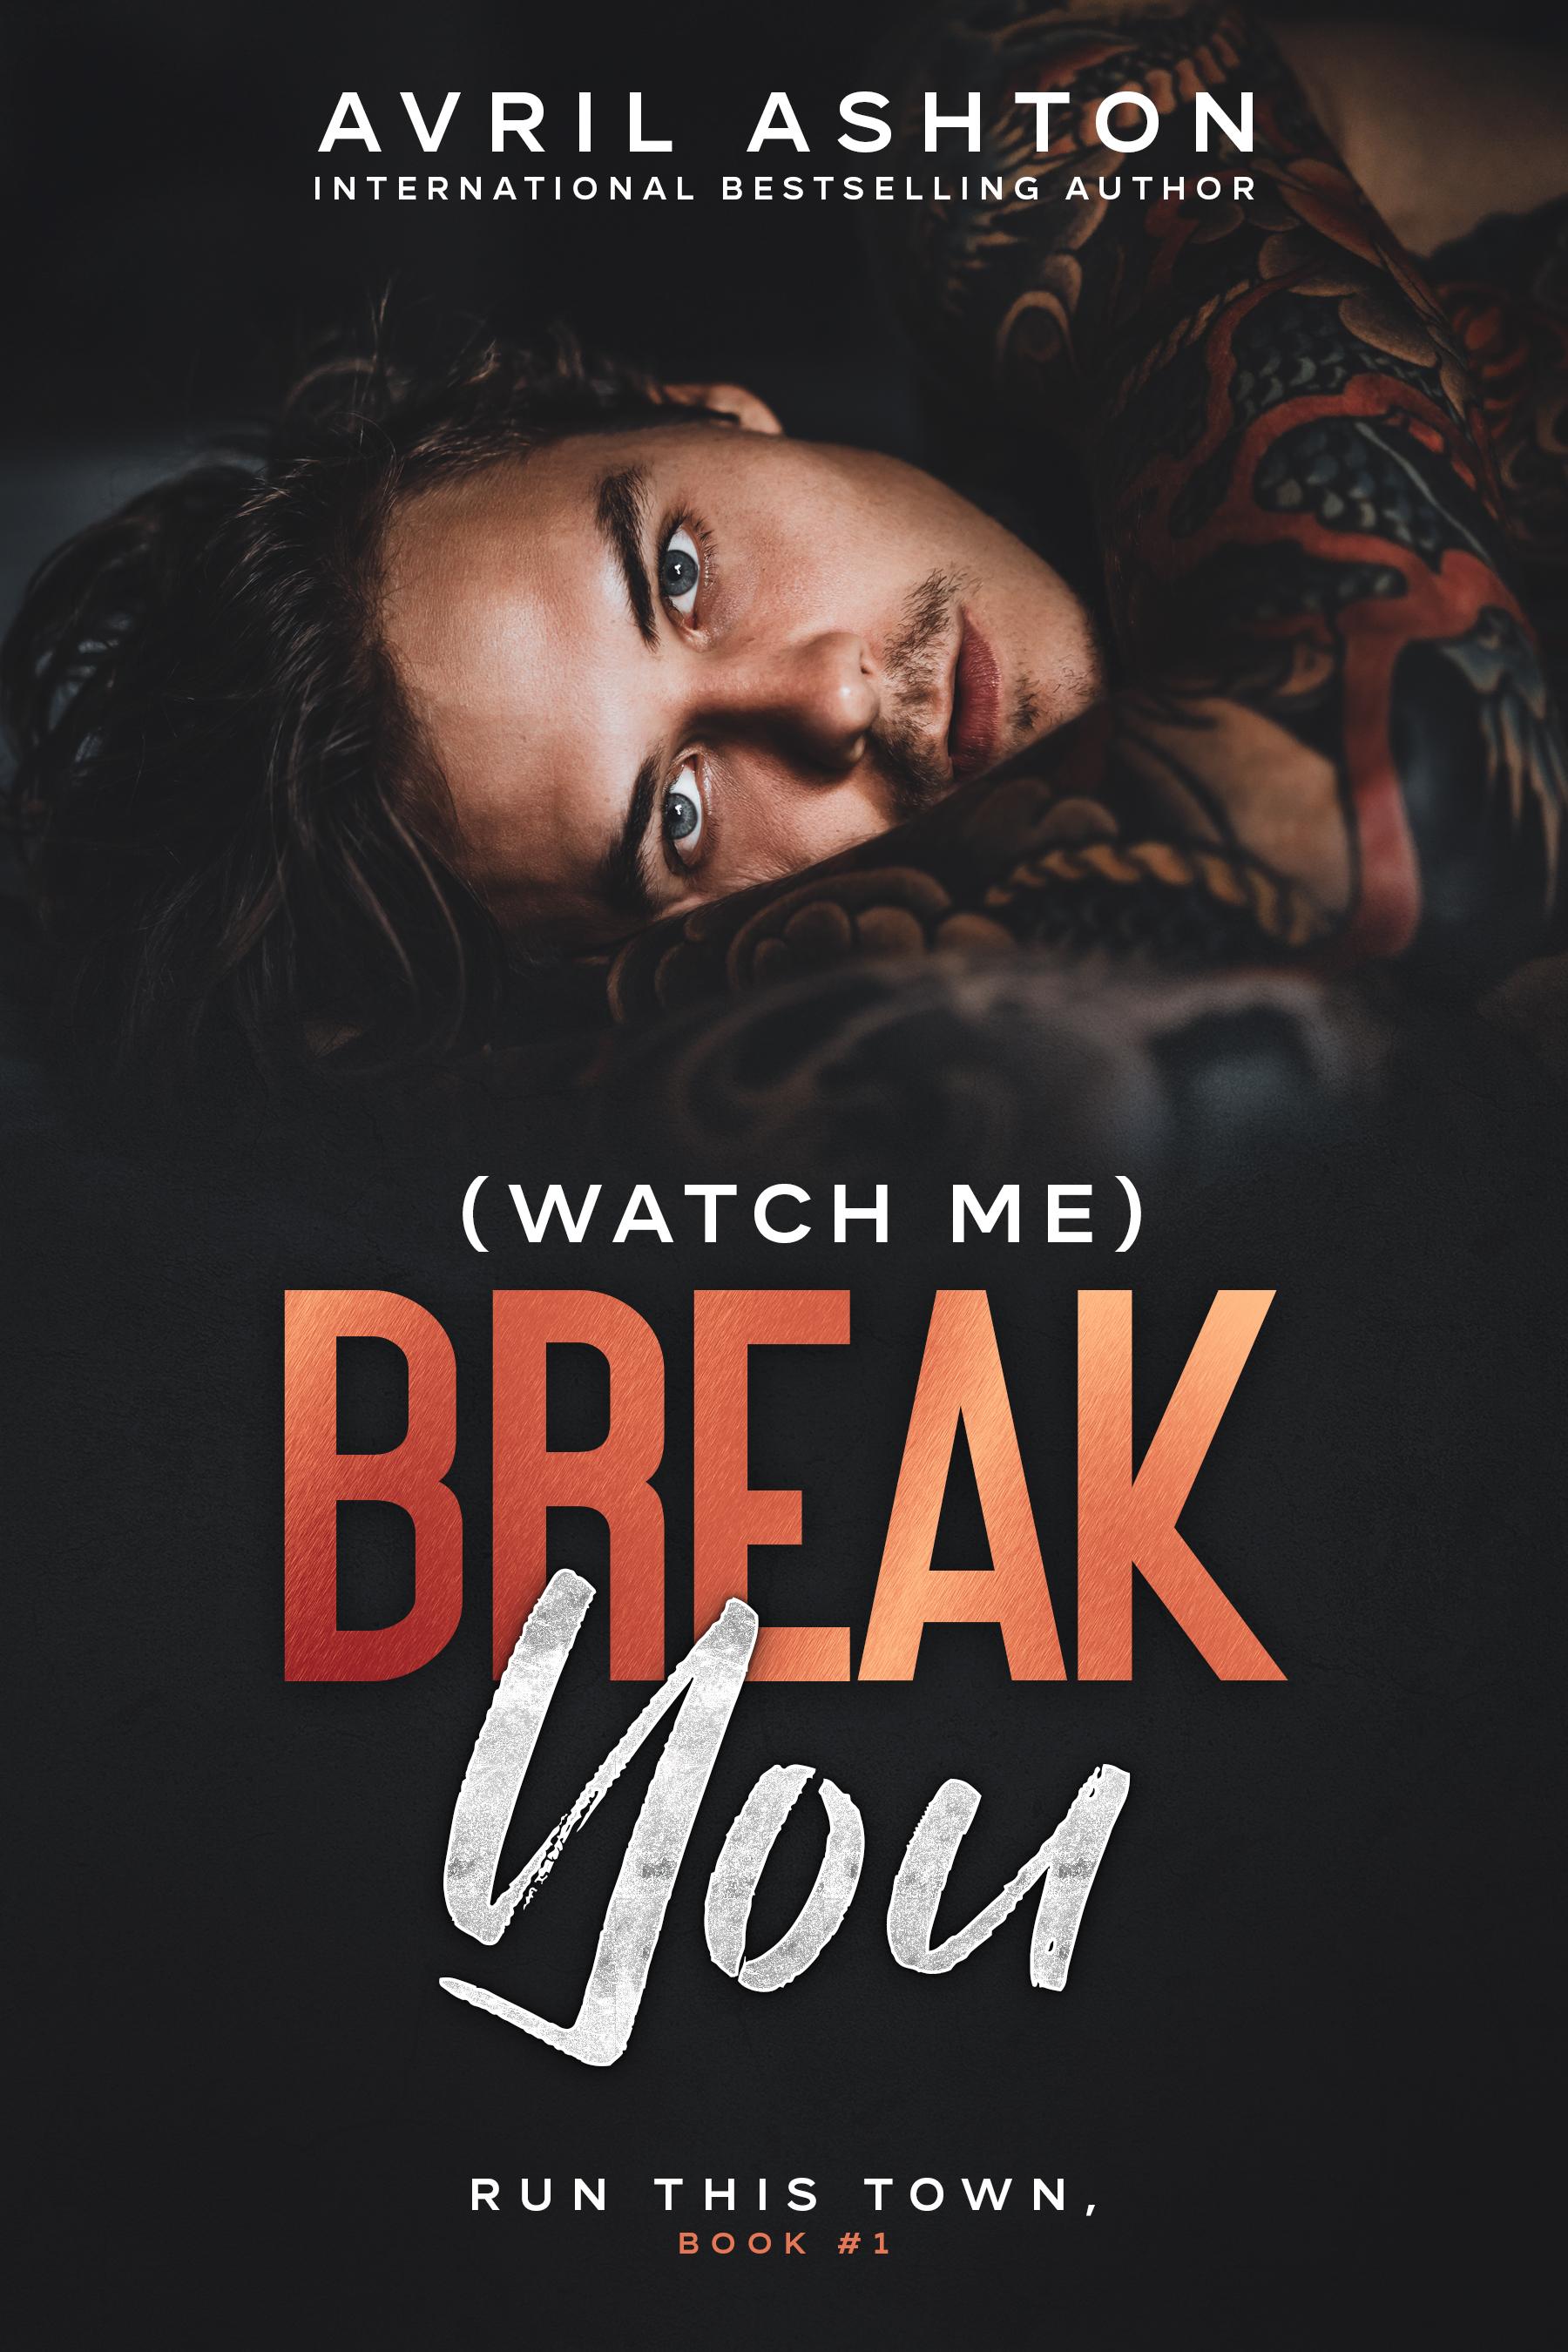 Breakyou